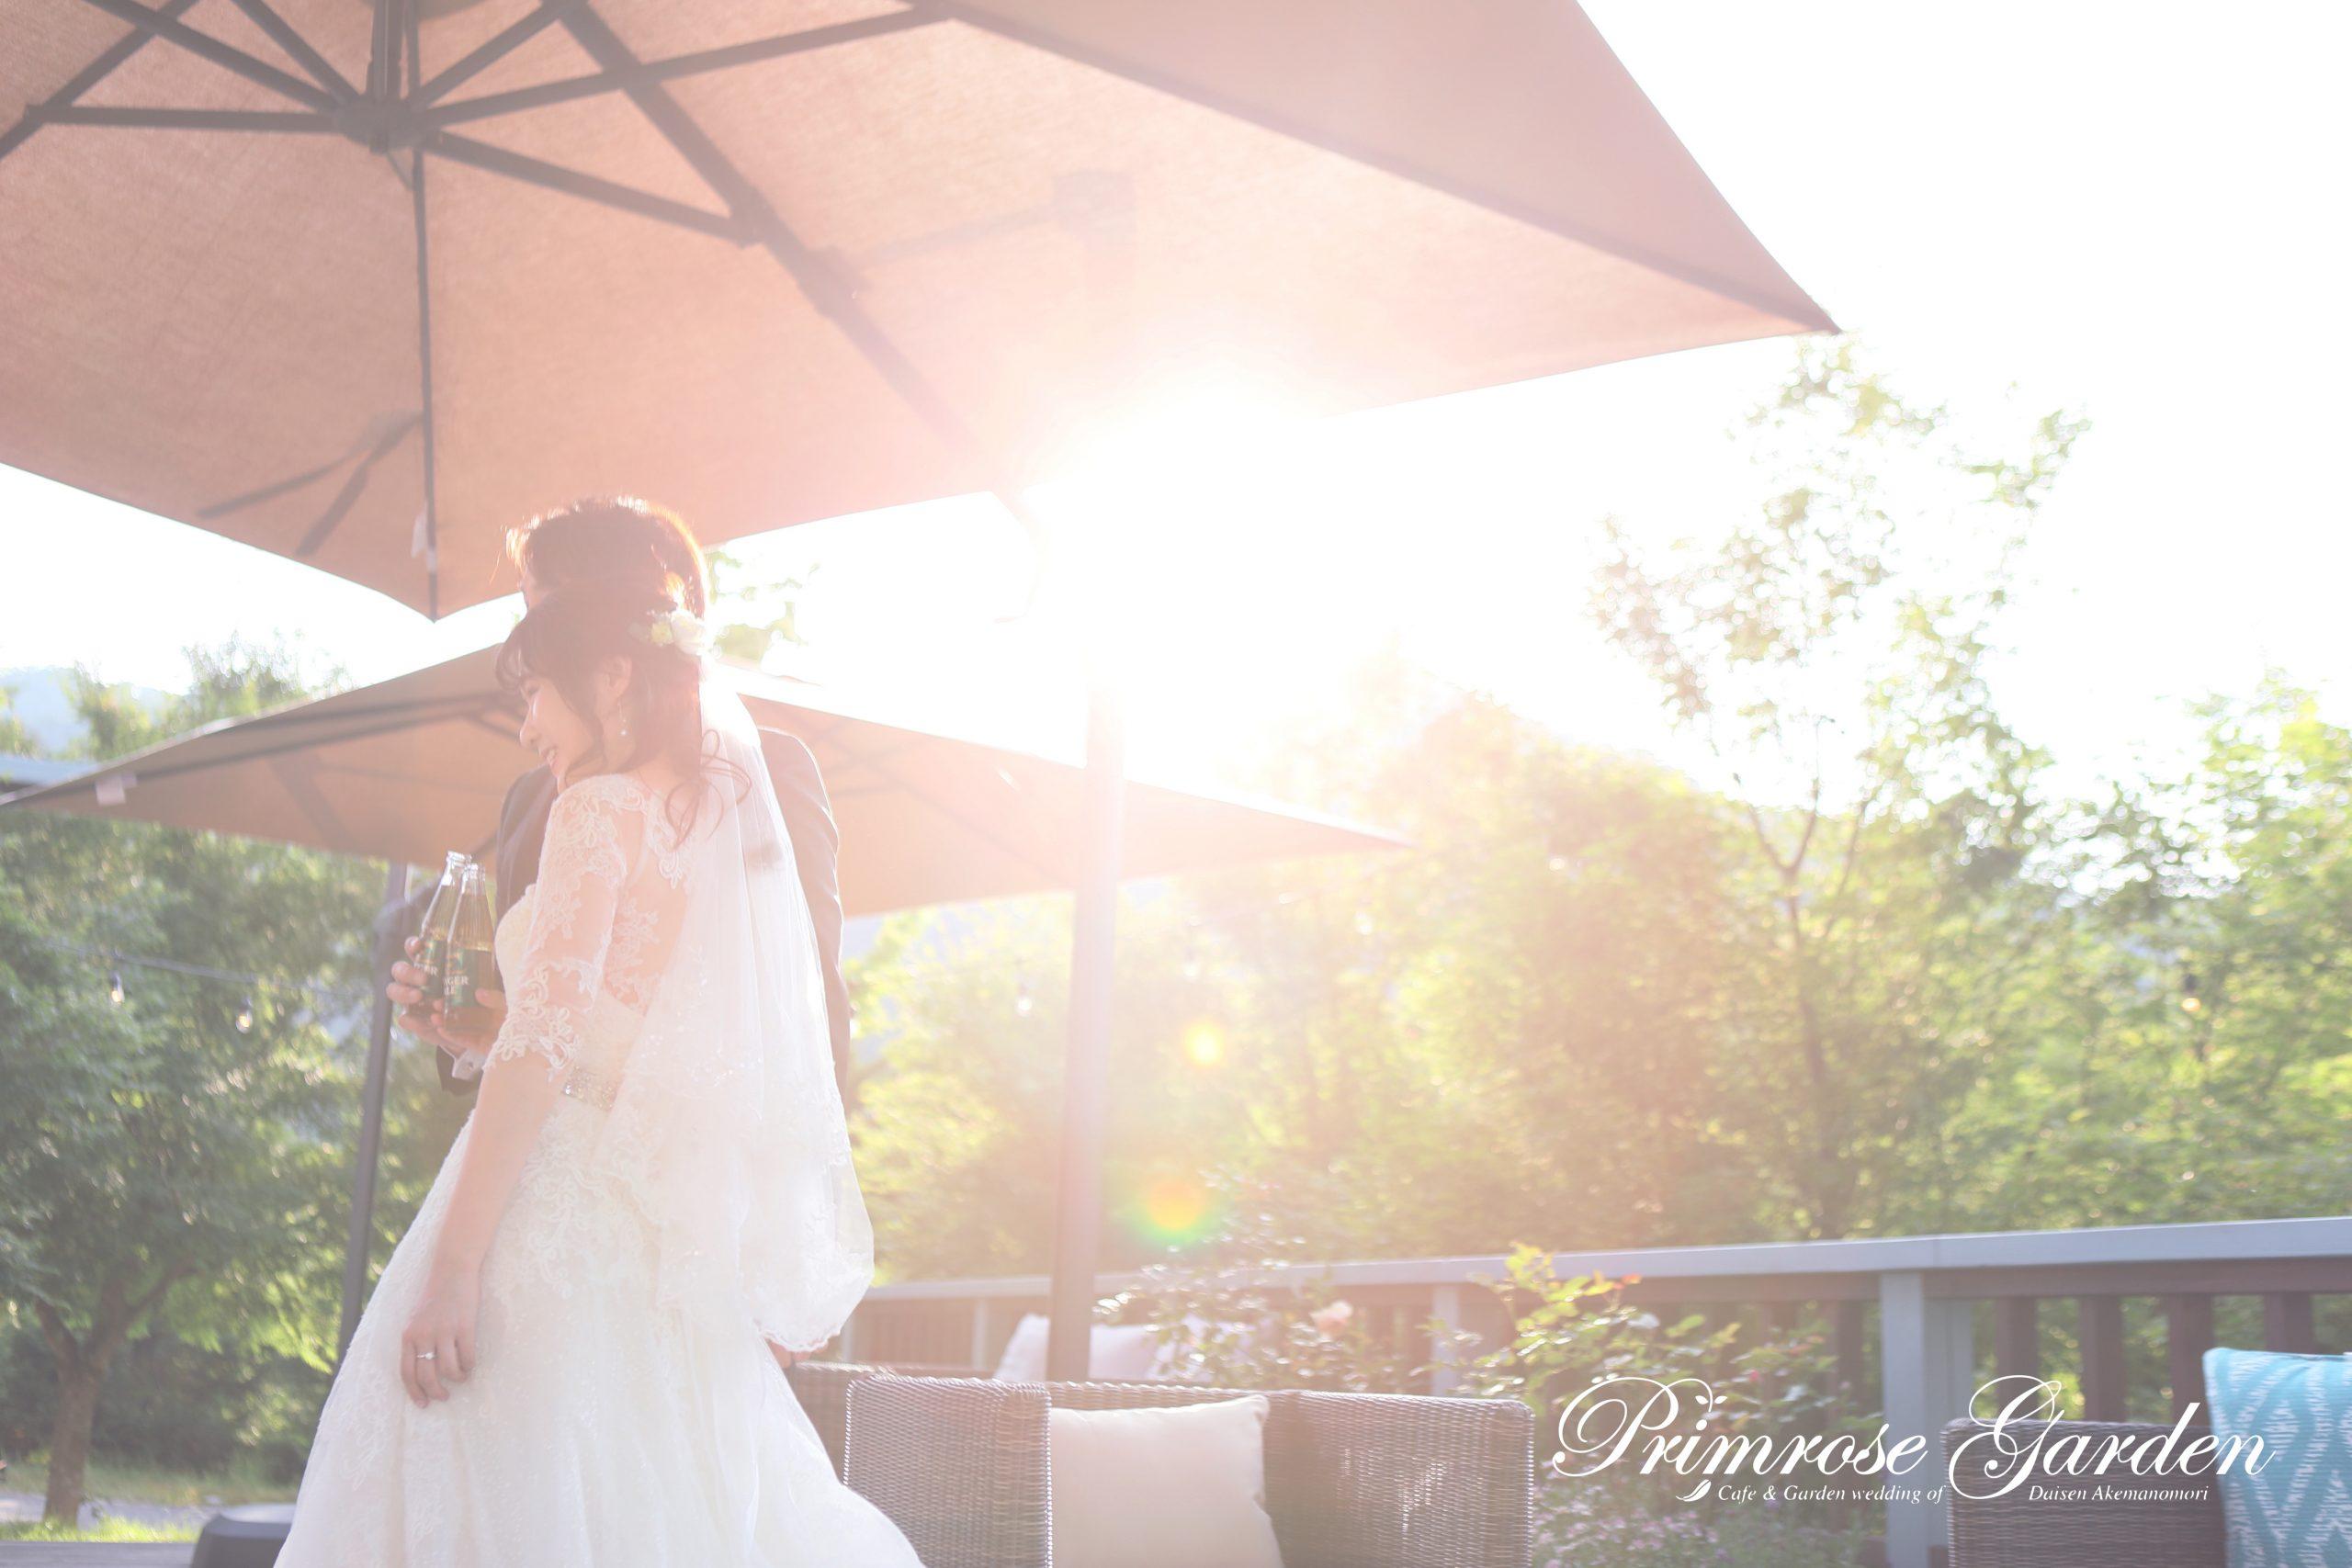 與自然融合的歐陸風格空間,適合舉行輕鬆的婚禮。